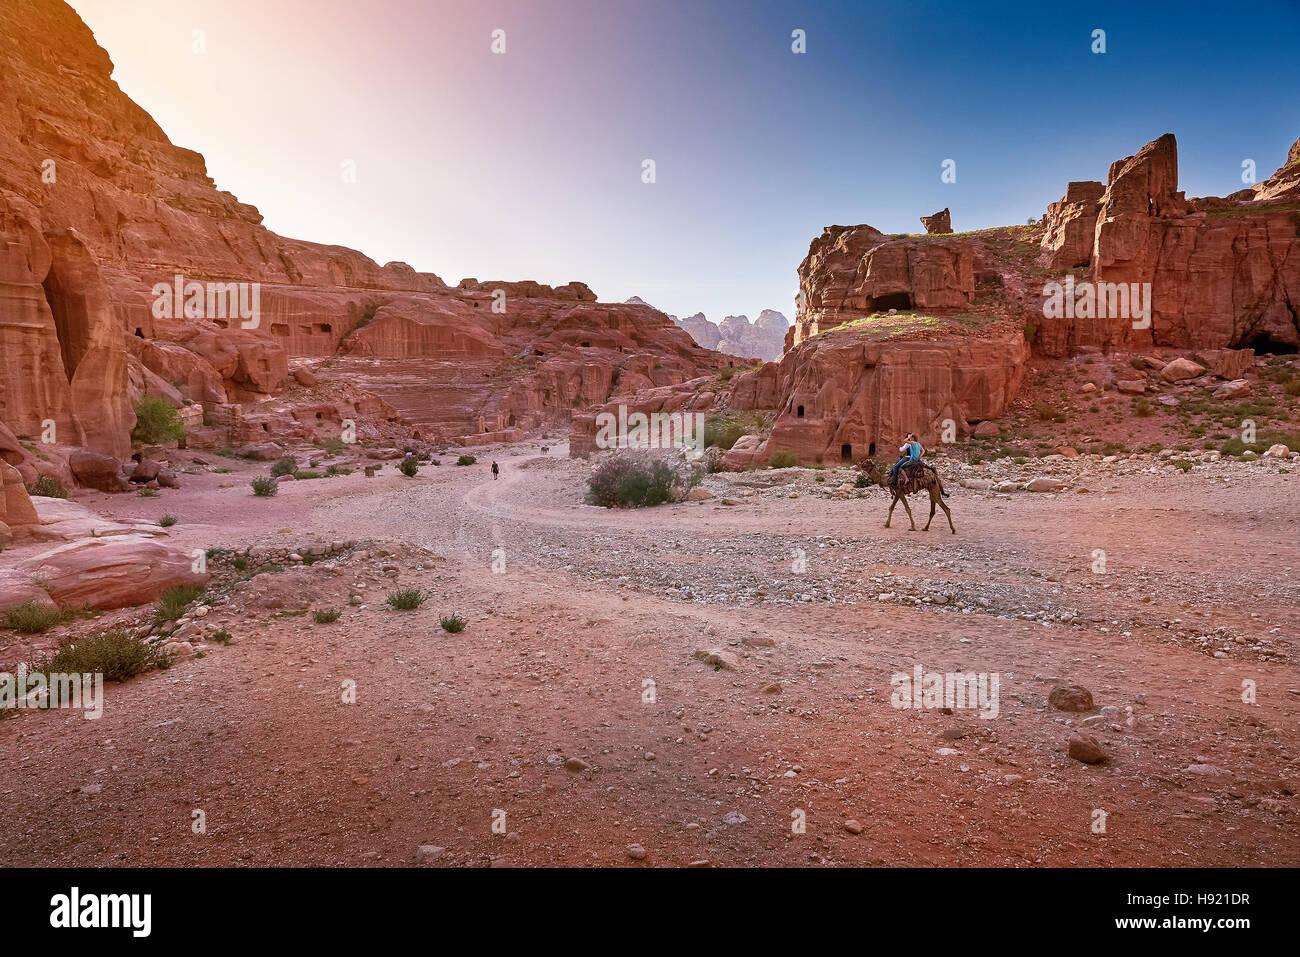 La antigua ciudad de Petra, Jordania Imagen De Stock